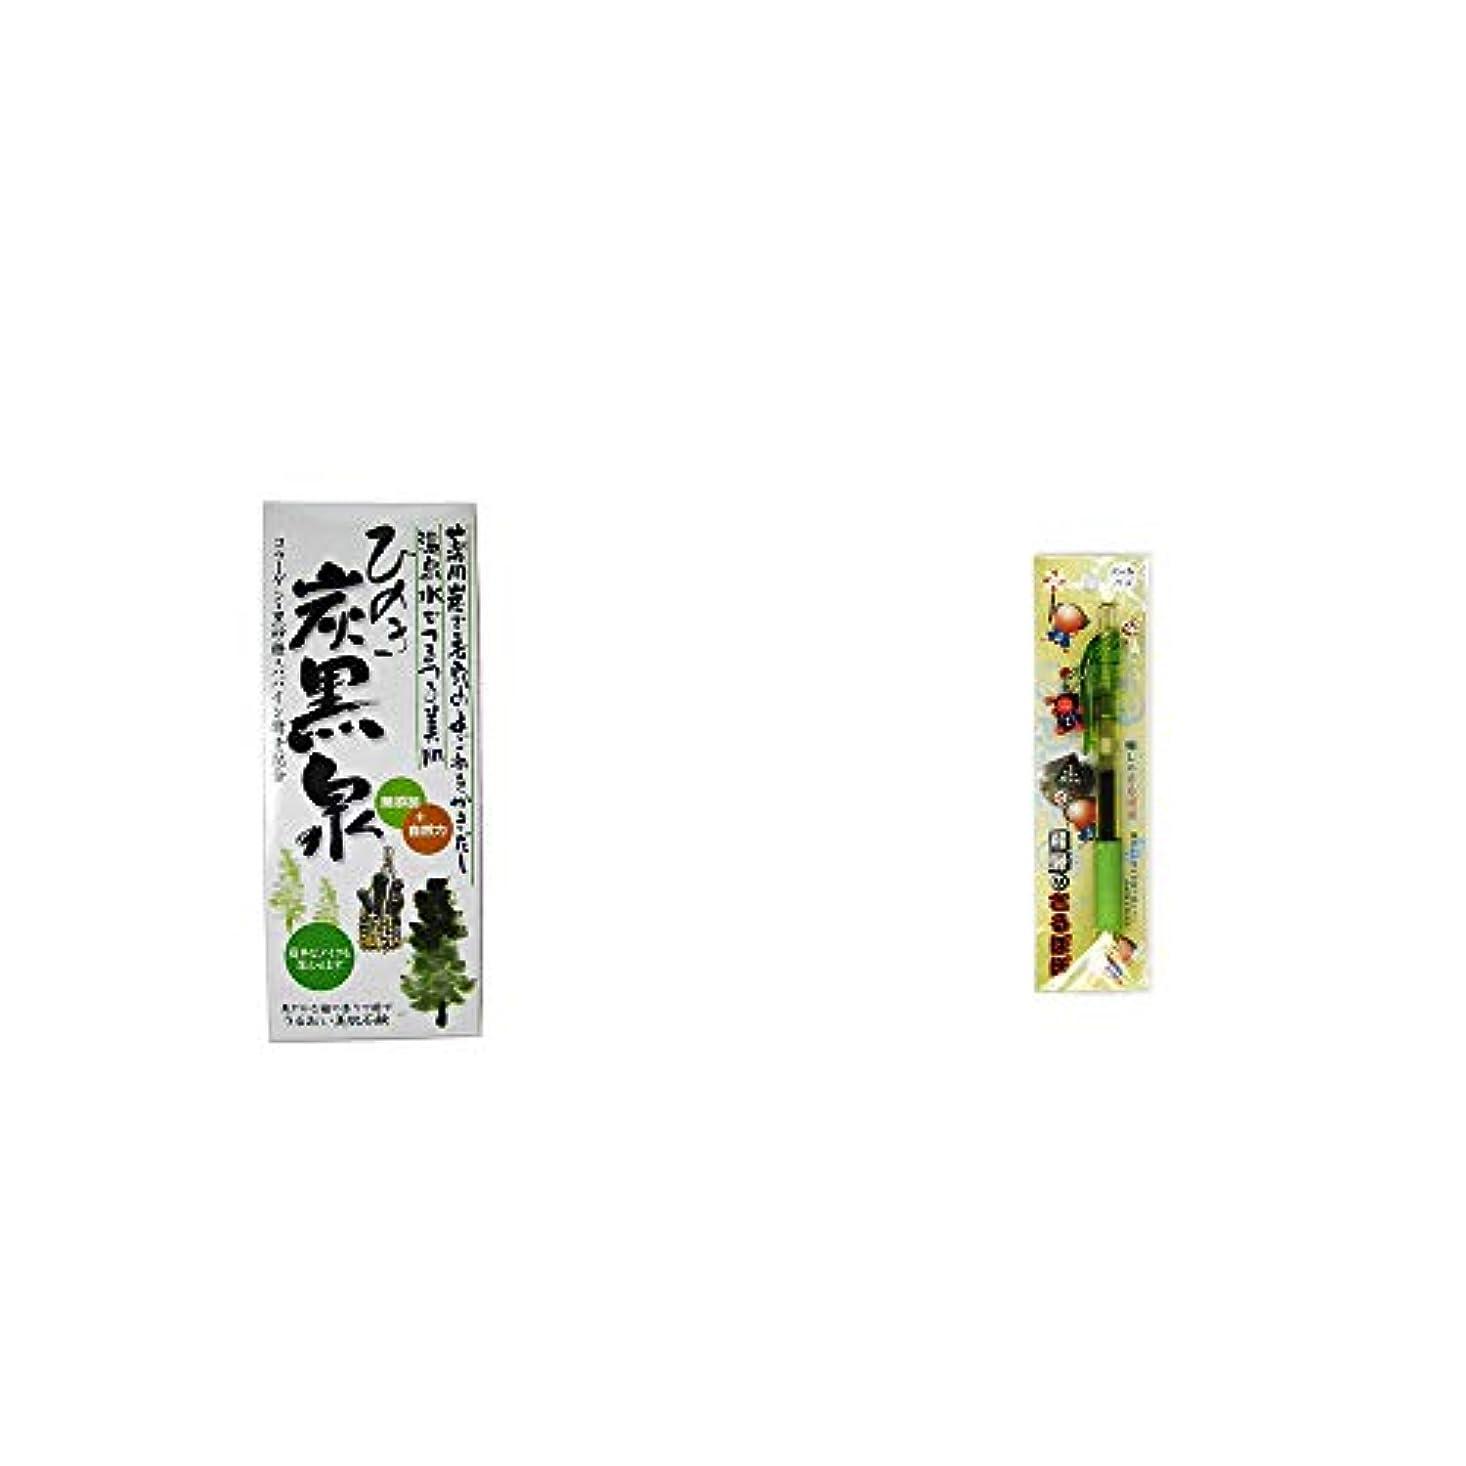 オリエンテーション光のライブ[2点セット] ひのき炭黒泉 箱入り(75g×3)?さるぼぼ 癒しボールペン 【グリーン】